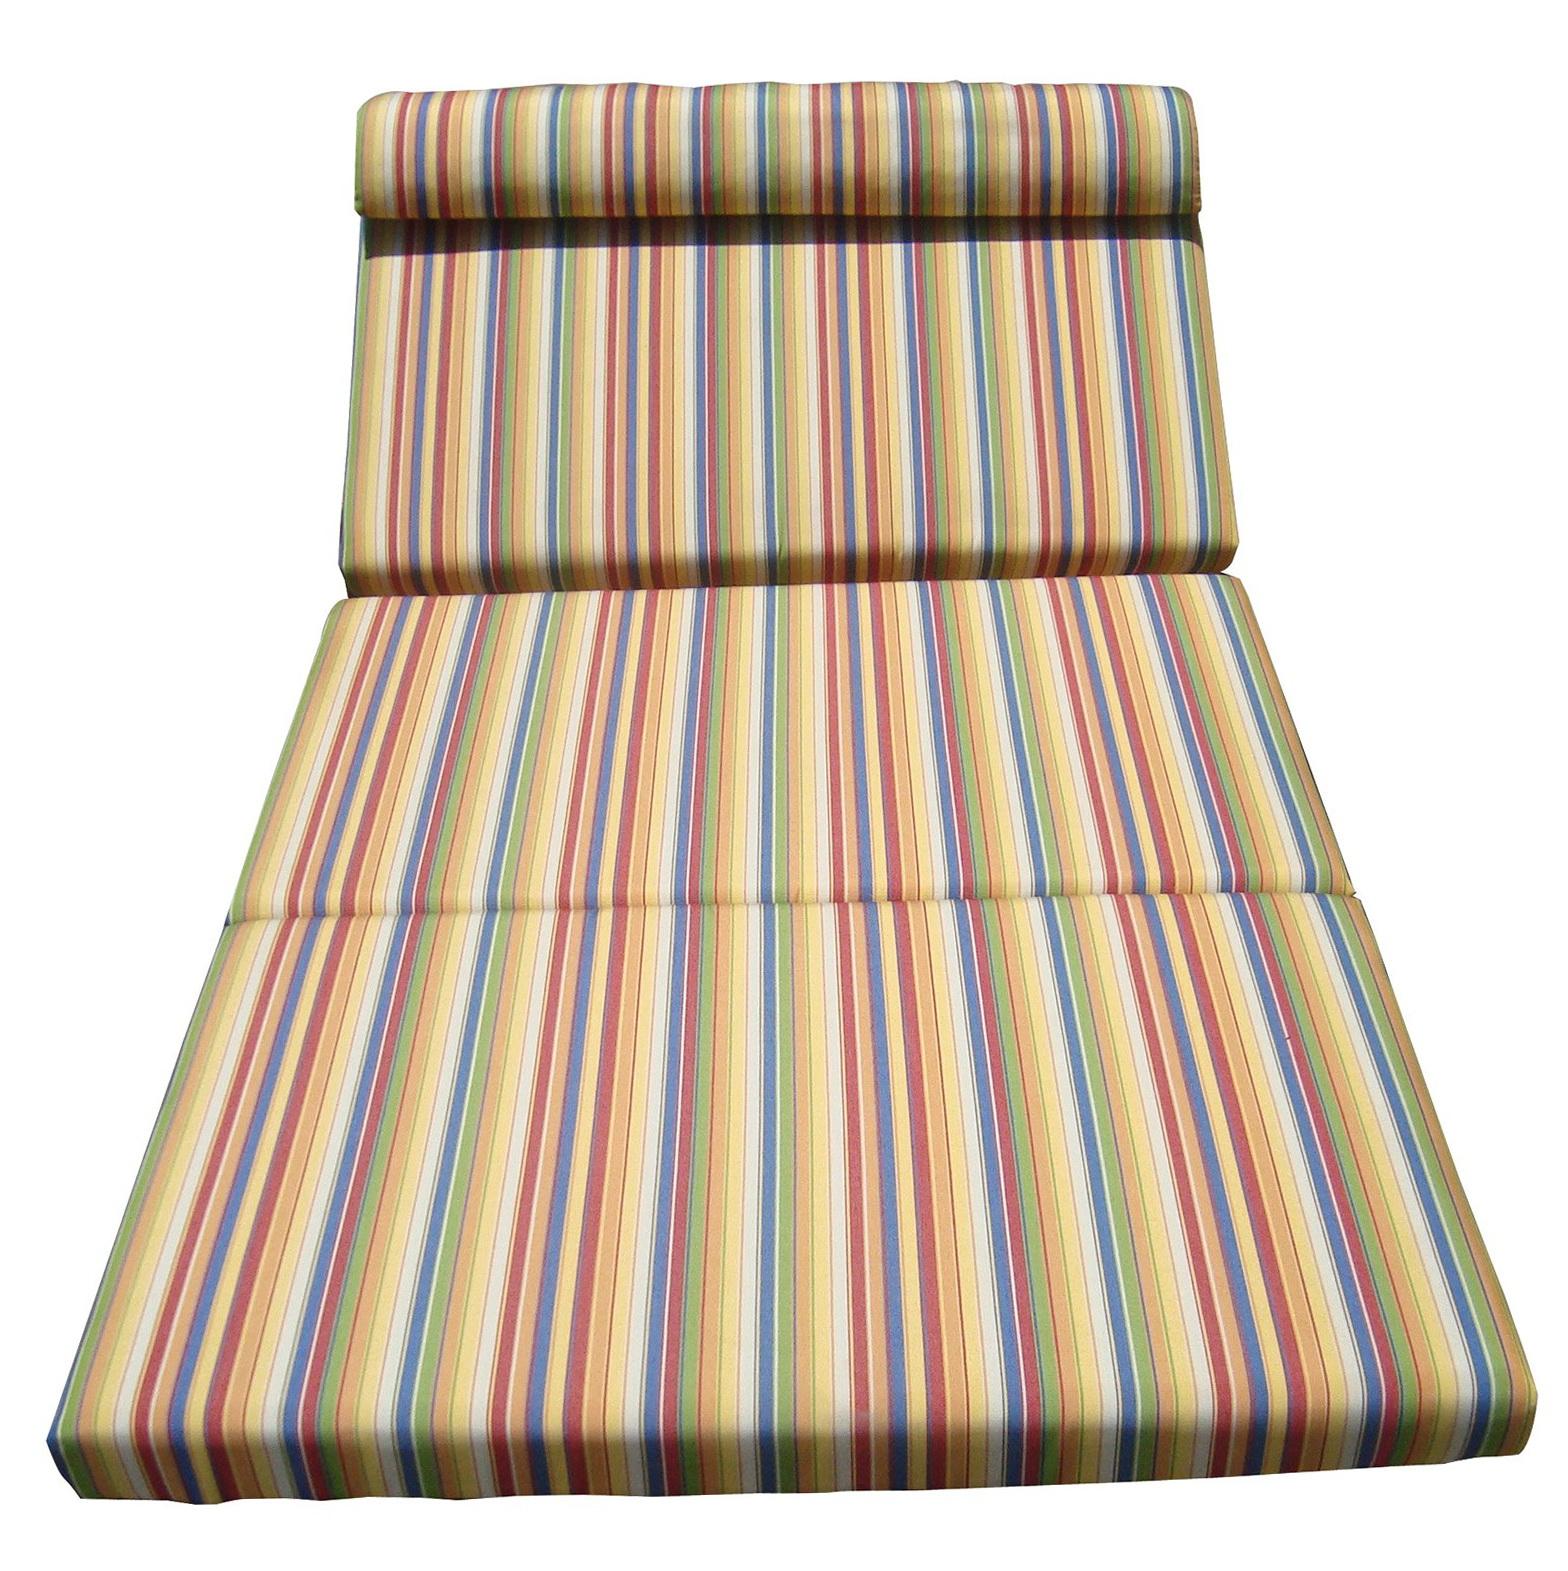 Outdoor Bench Cushion 60 X 24 Home Design Ideas